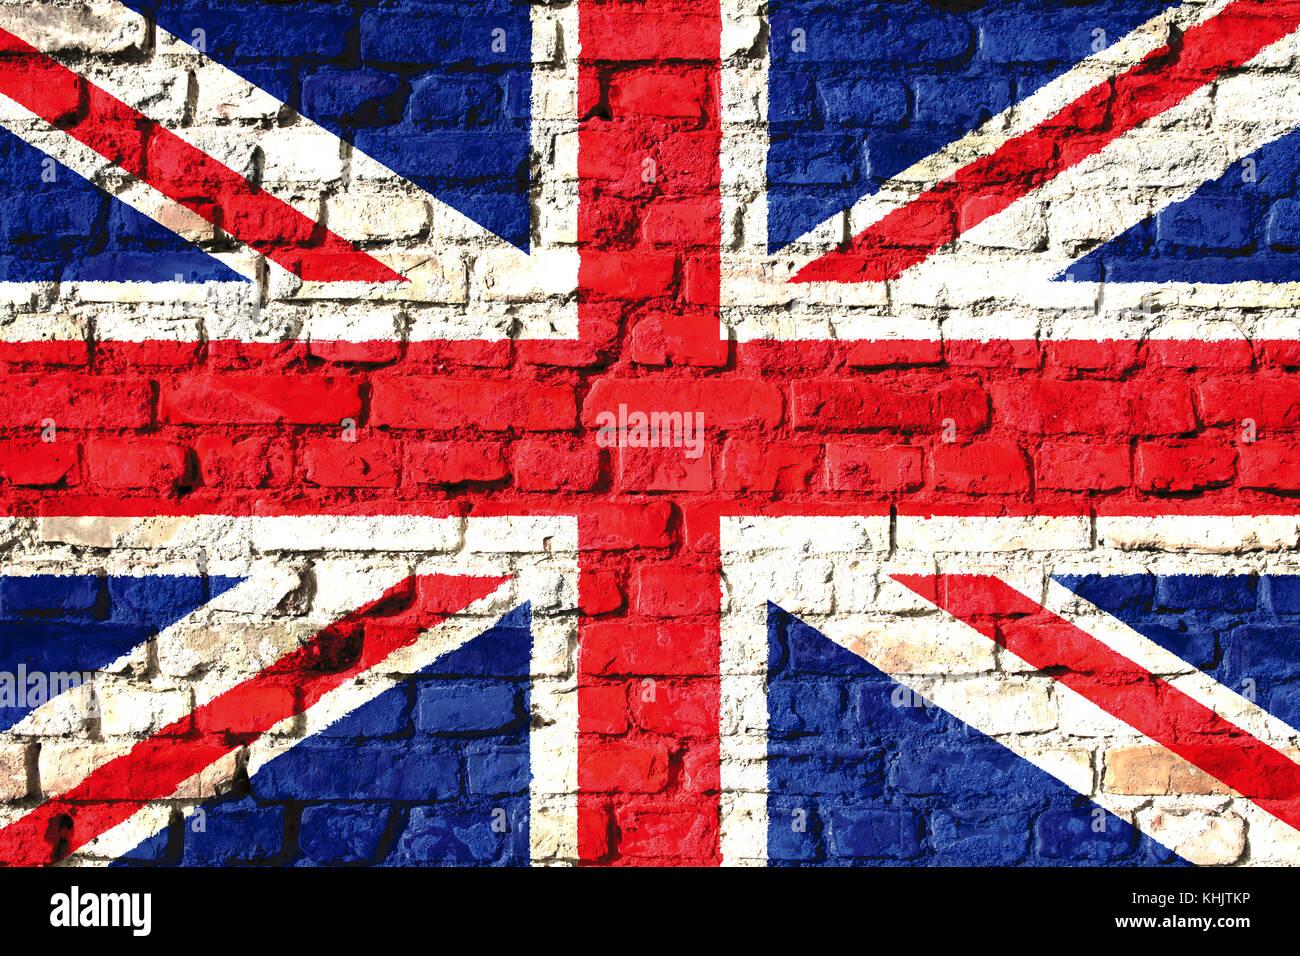 Vereinigtes Königreich (uk) Flagge Malte Auf Eine Wand. Konzept Bild Für  Großbritannien, Großbritannien, England, Englische Sprache Und Kultur.